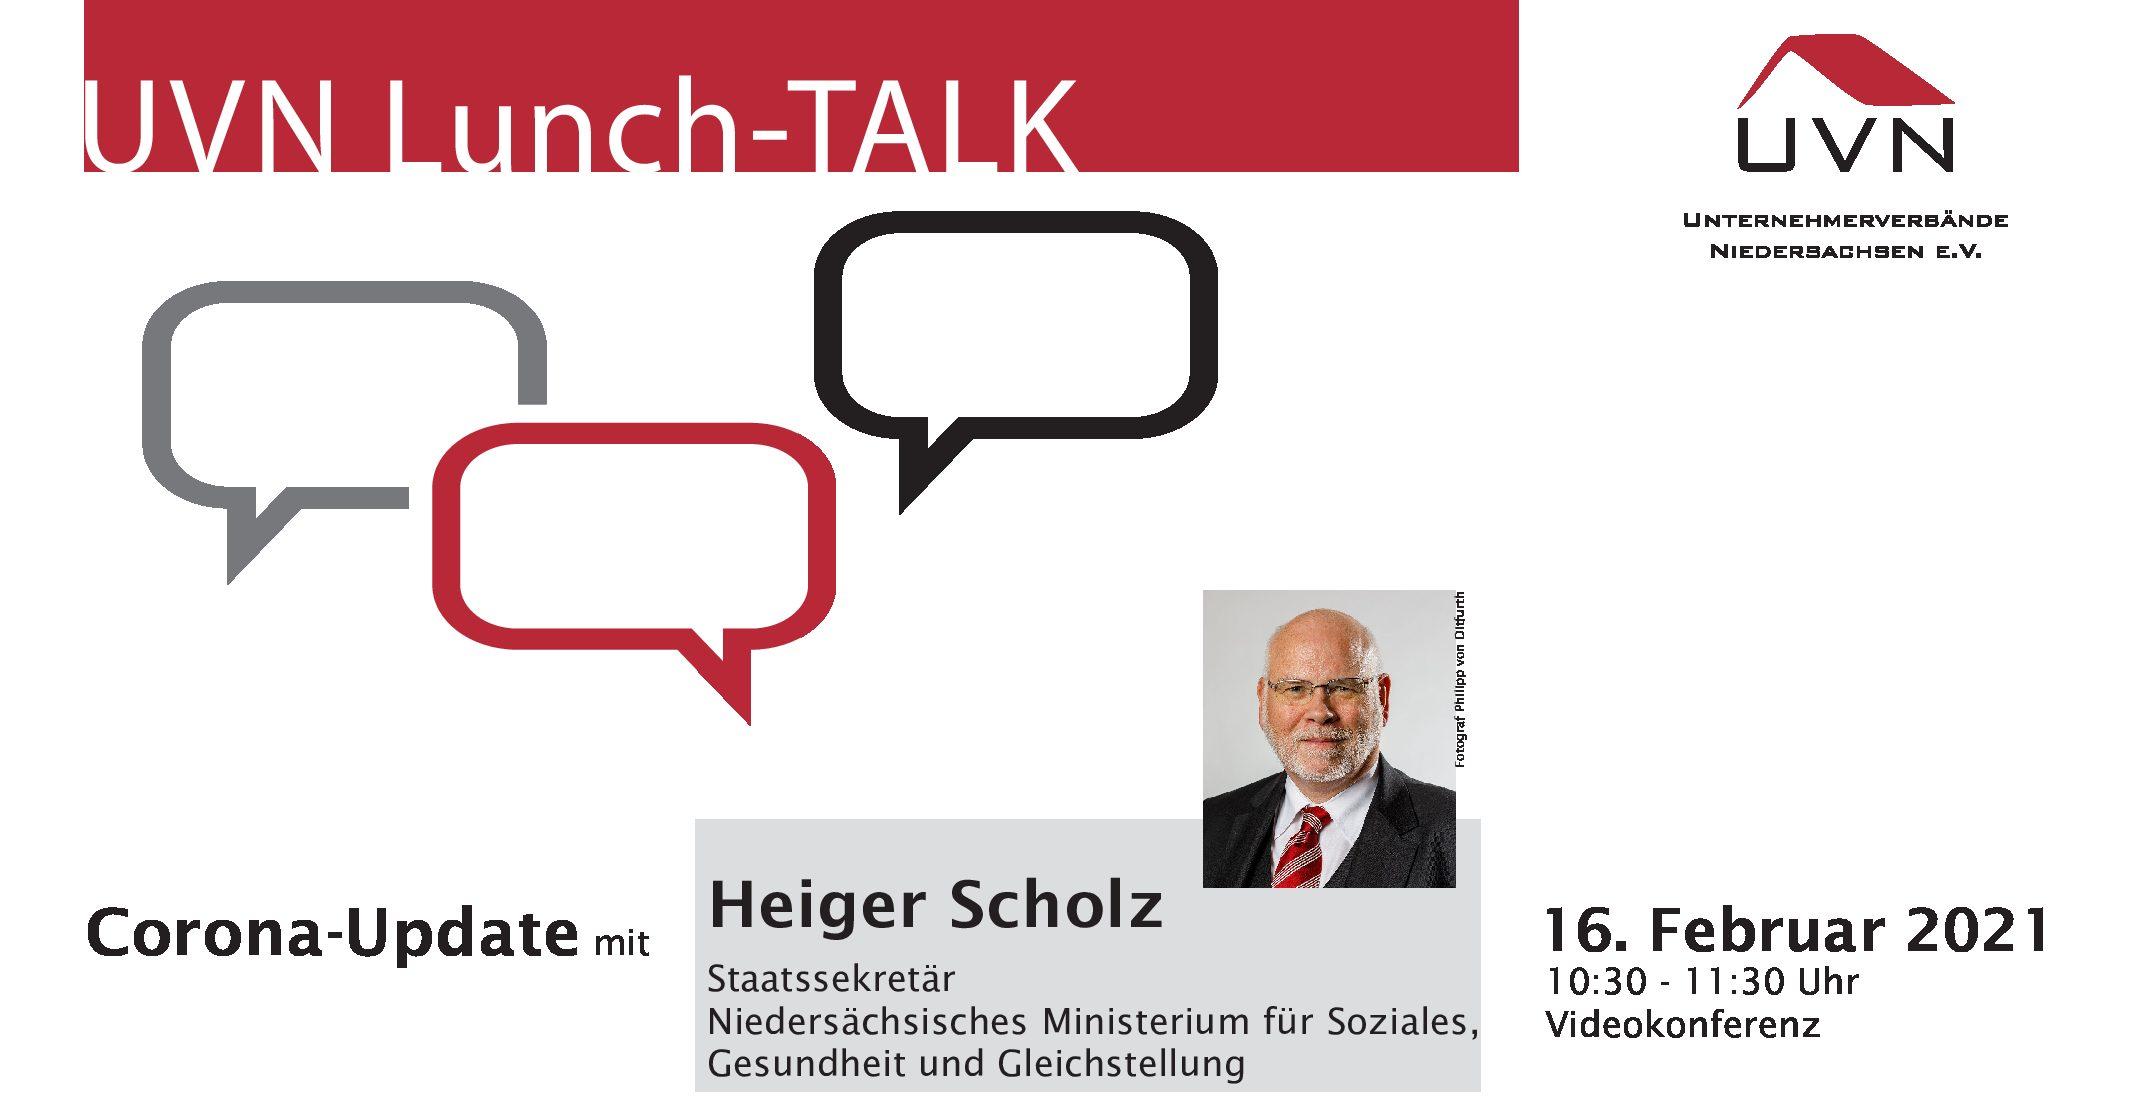 UVN Lunch-Talk mit Heiger Scholz, Staatssekretär im Niedersächsischen Ministerium für Soziales, Gesundheit und Gleichstellung